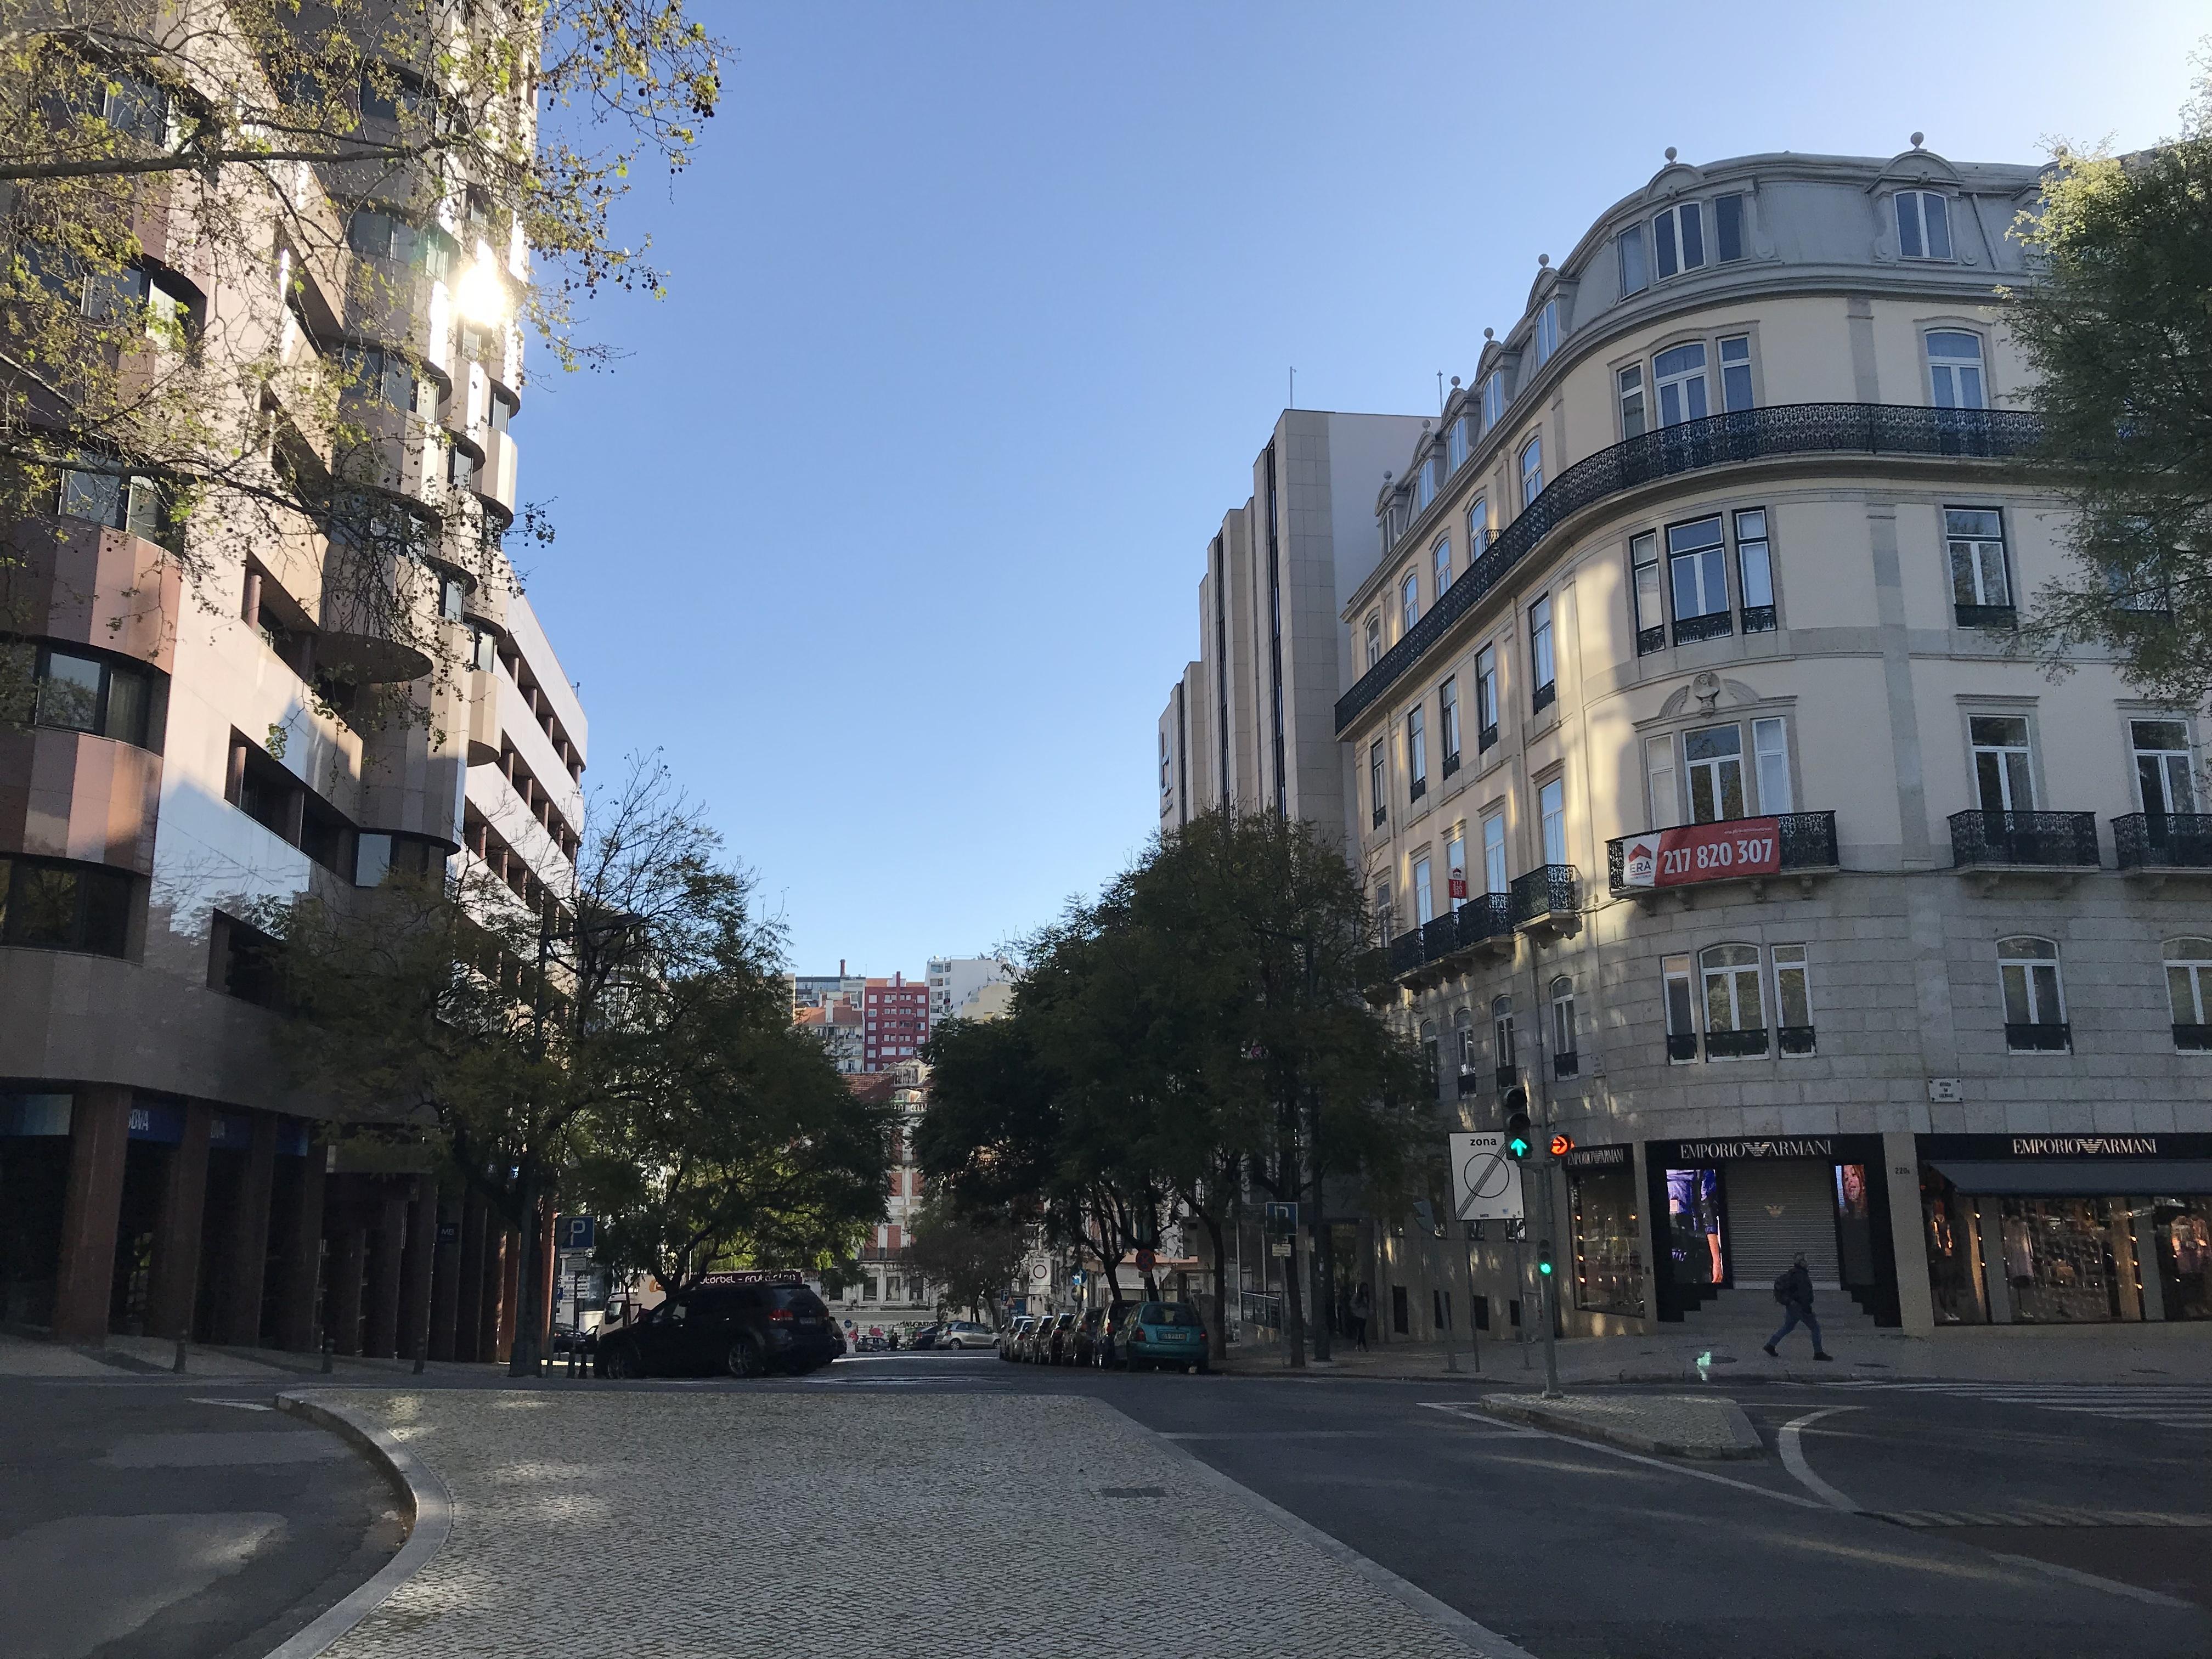 Лиссабонские зарисовки: город контрастов, охота на Роналду и развлекательное шоу на стадионе - изображение 27